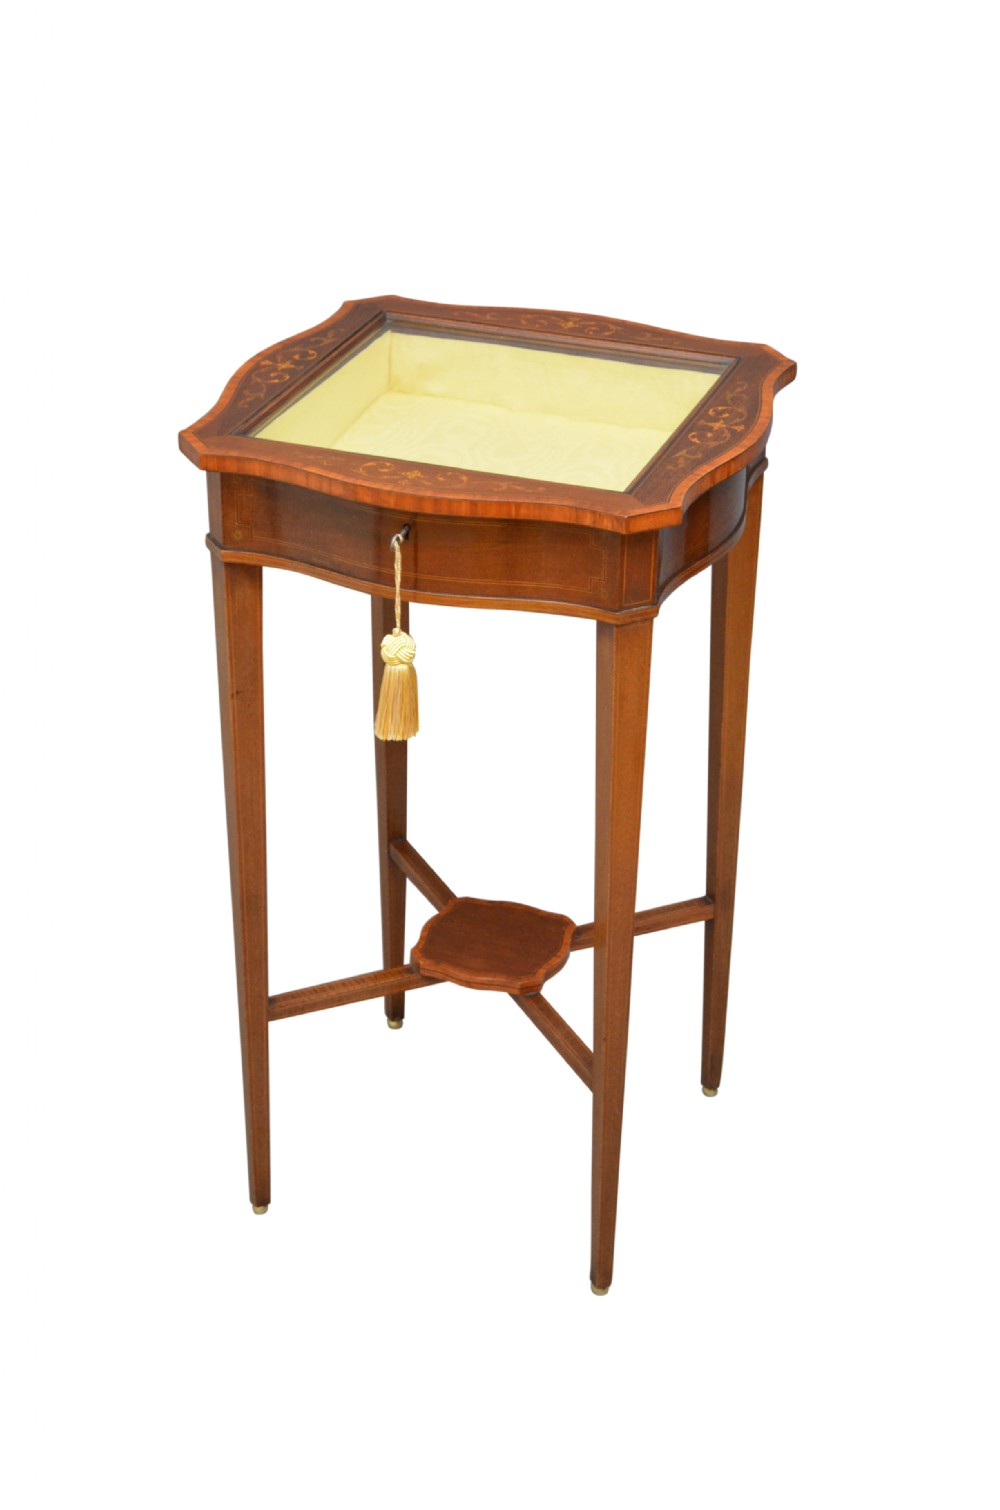 edwards and roberts mahogany and inlaid display table